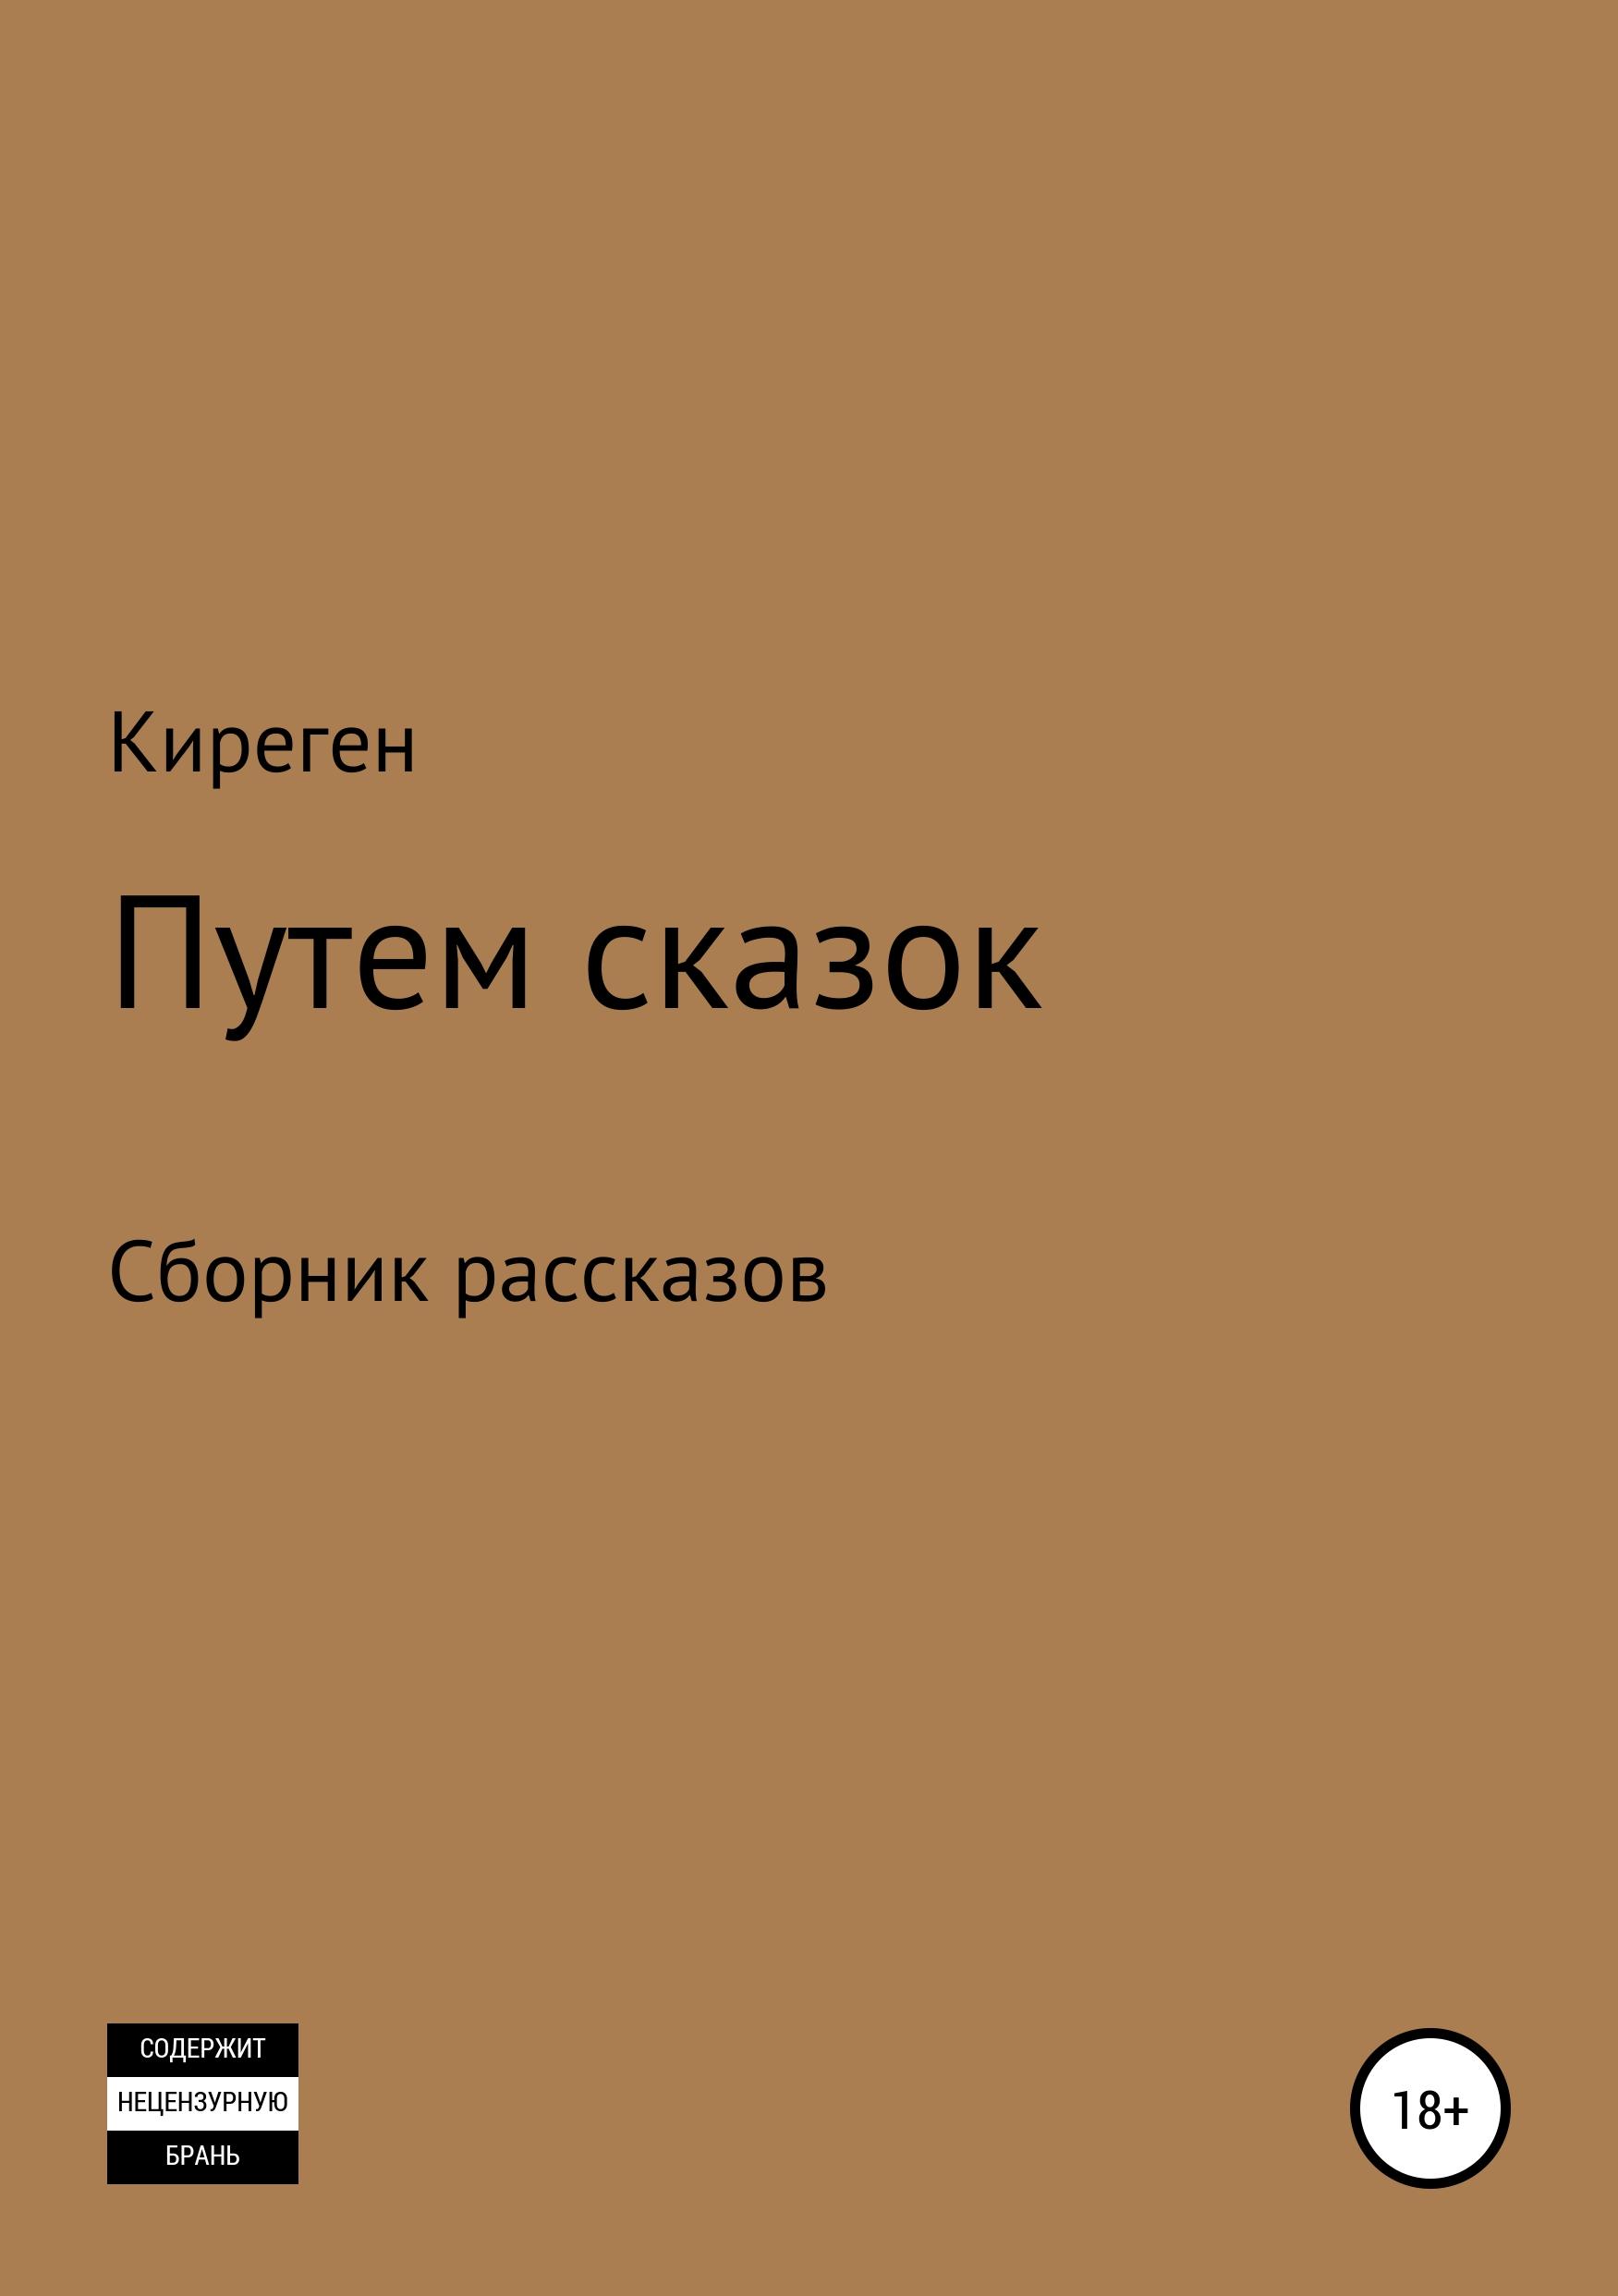 Путем сказок